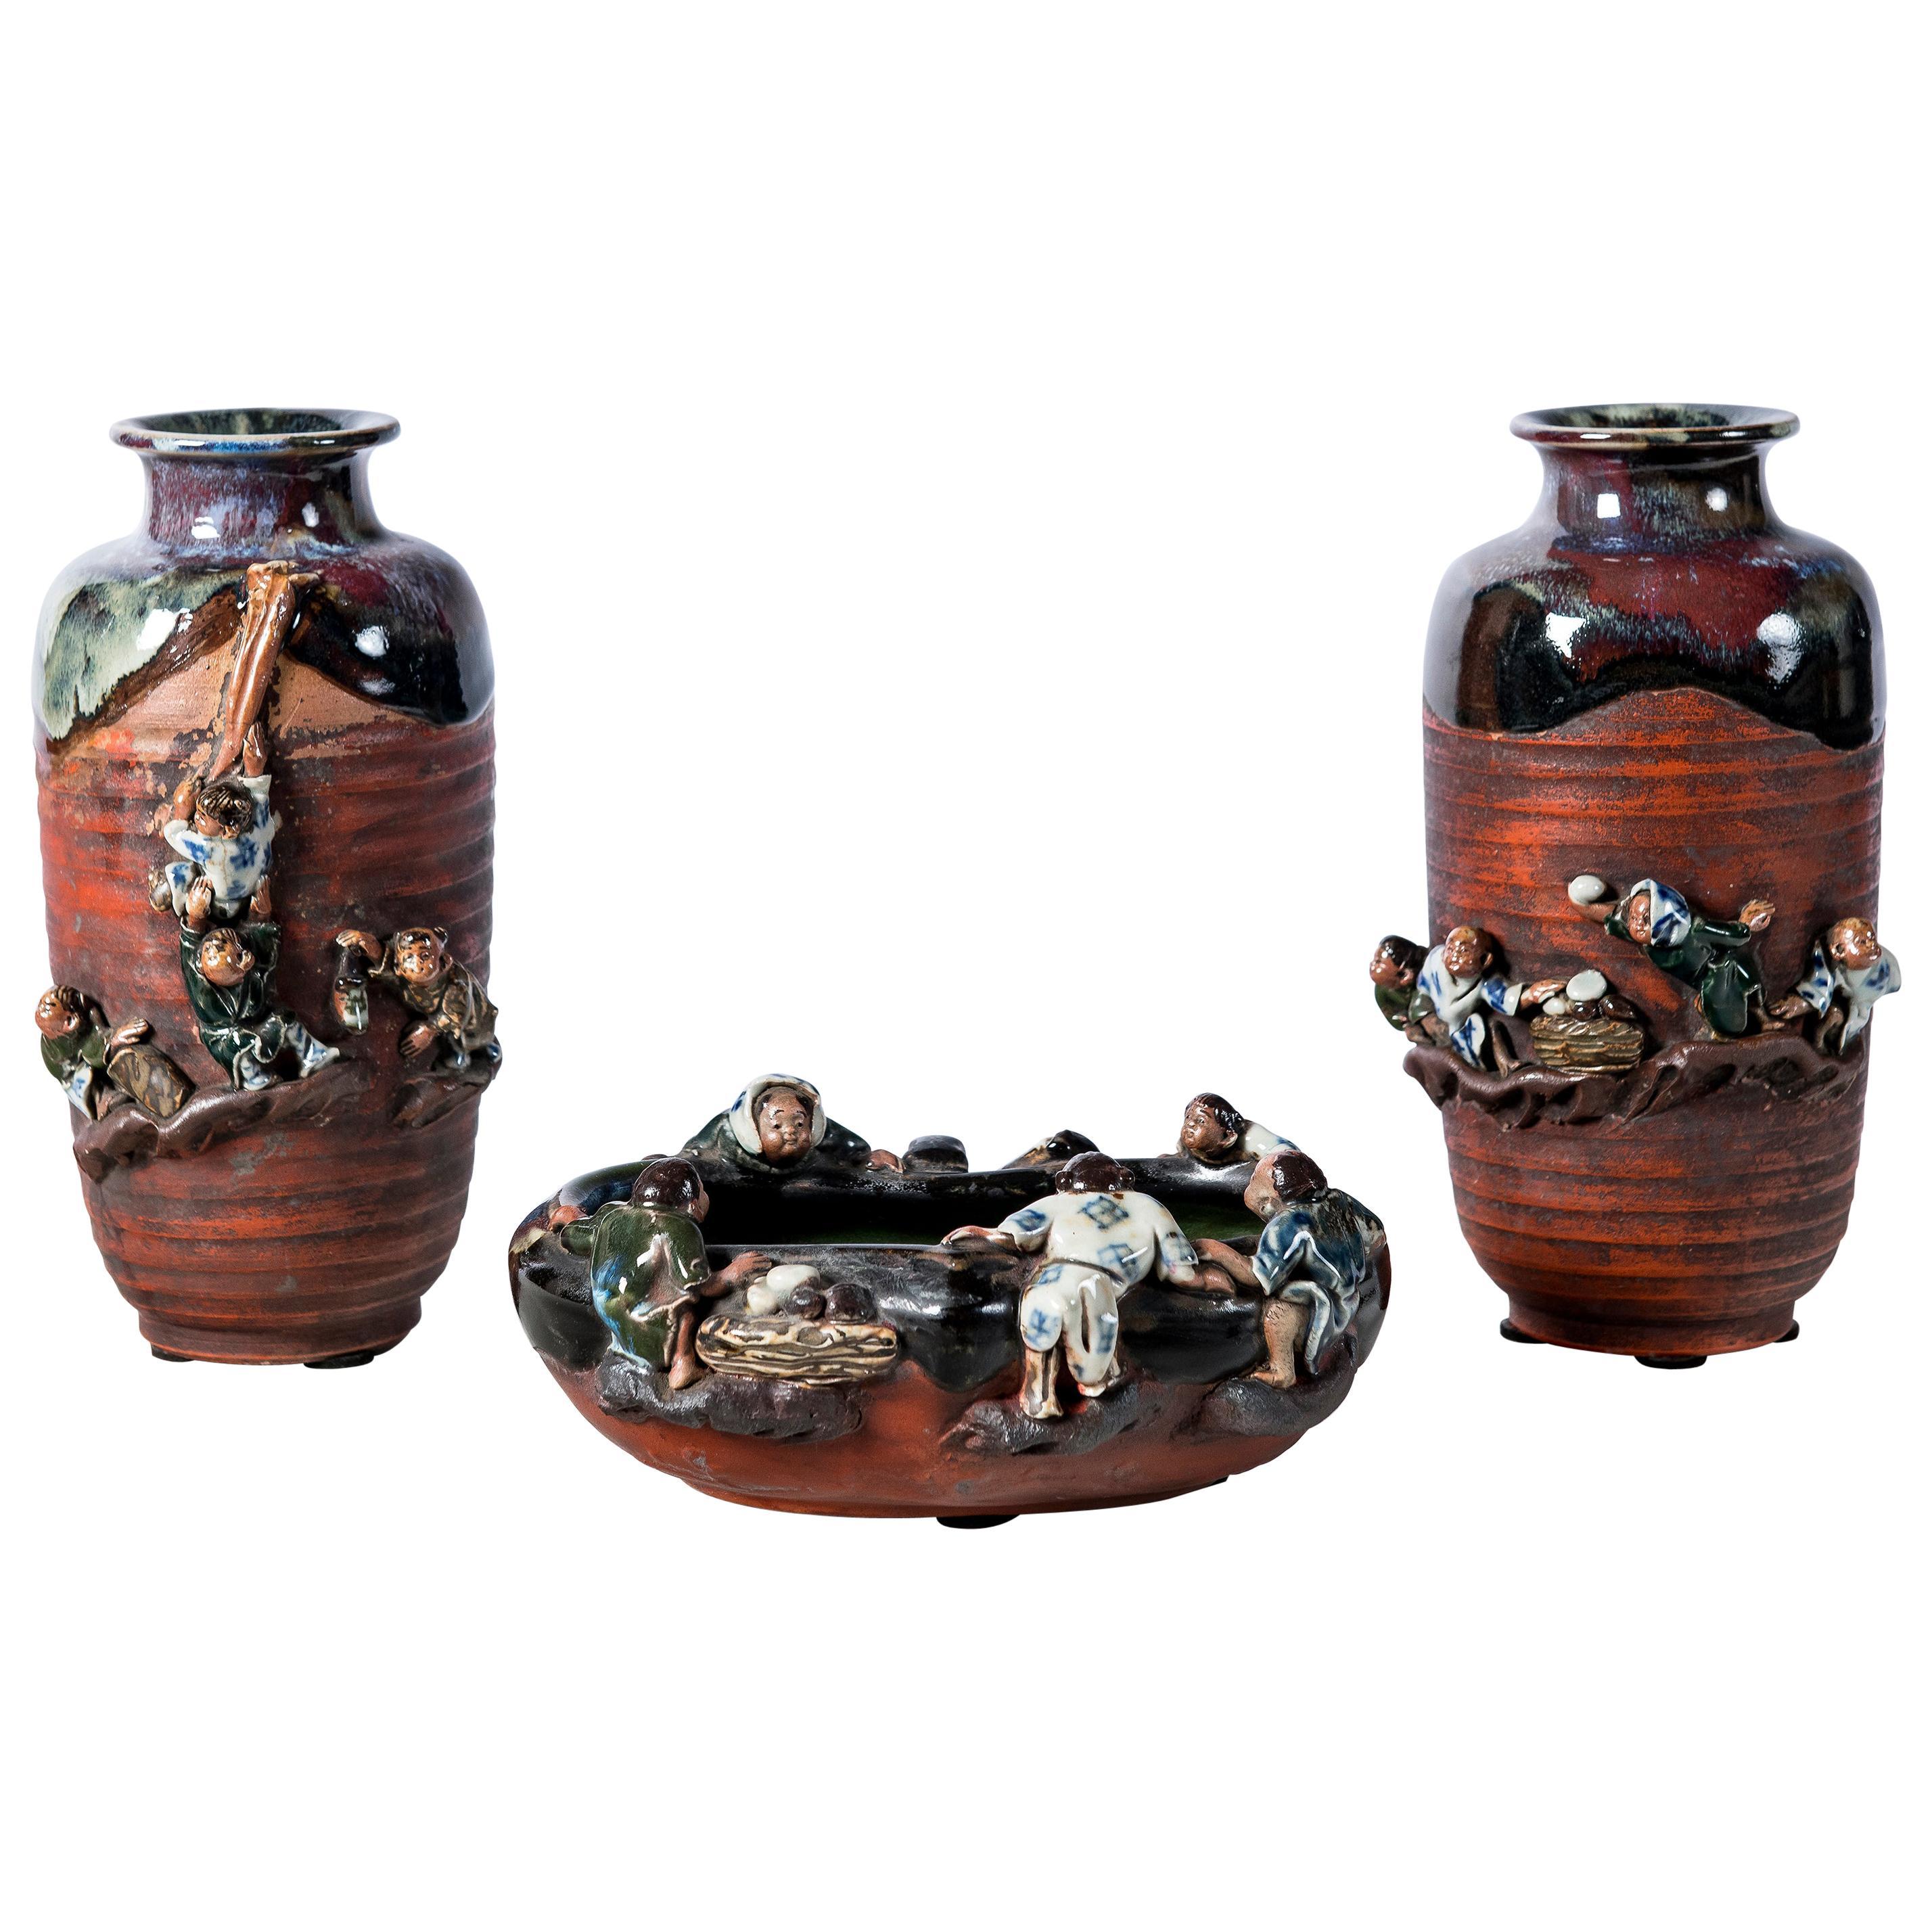 Sumida Gawa Pottery Garniture, Japan, circa 1890-1900